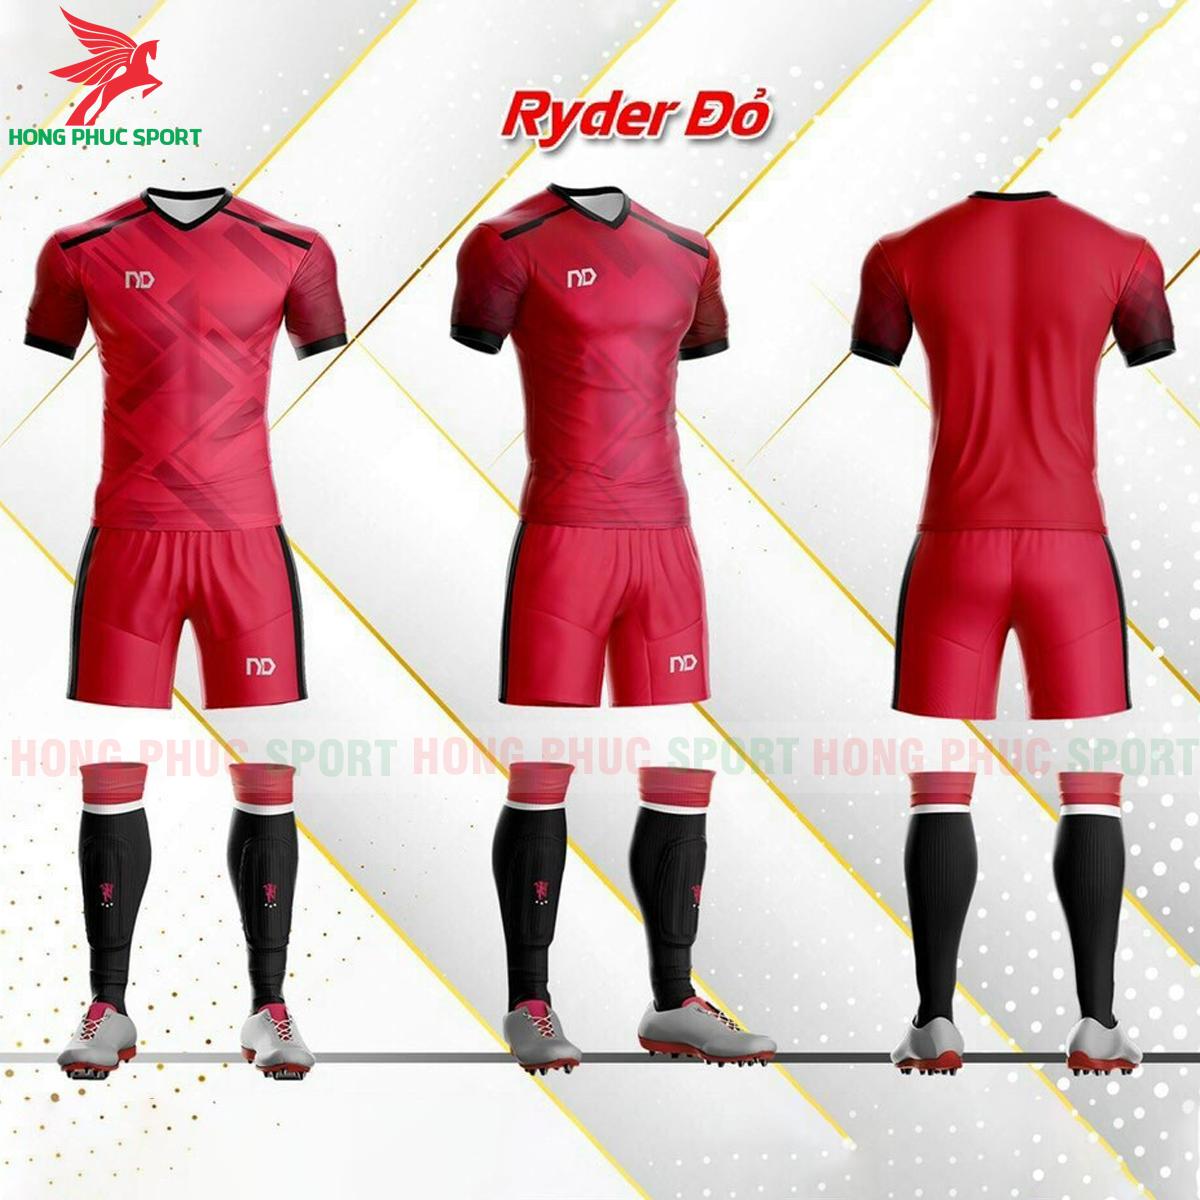 Áo đá banh không logo ND Ryder2021 màu đỏ